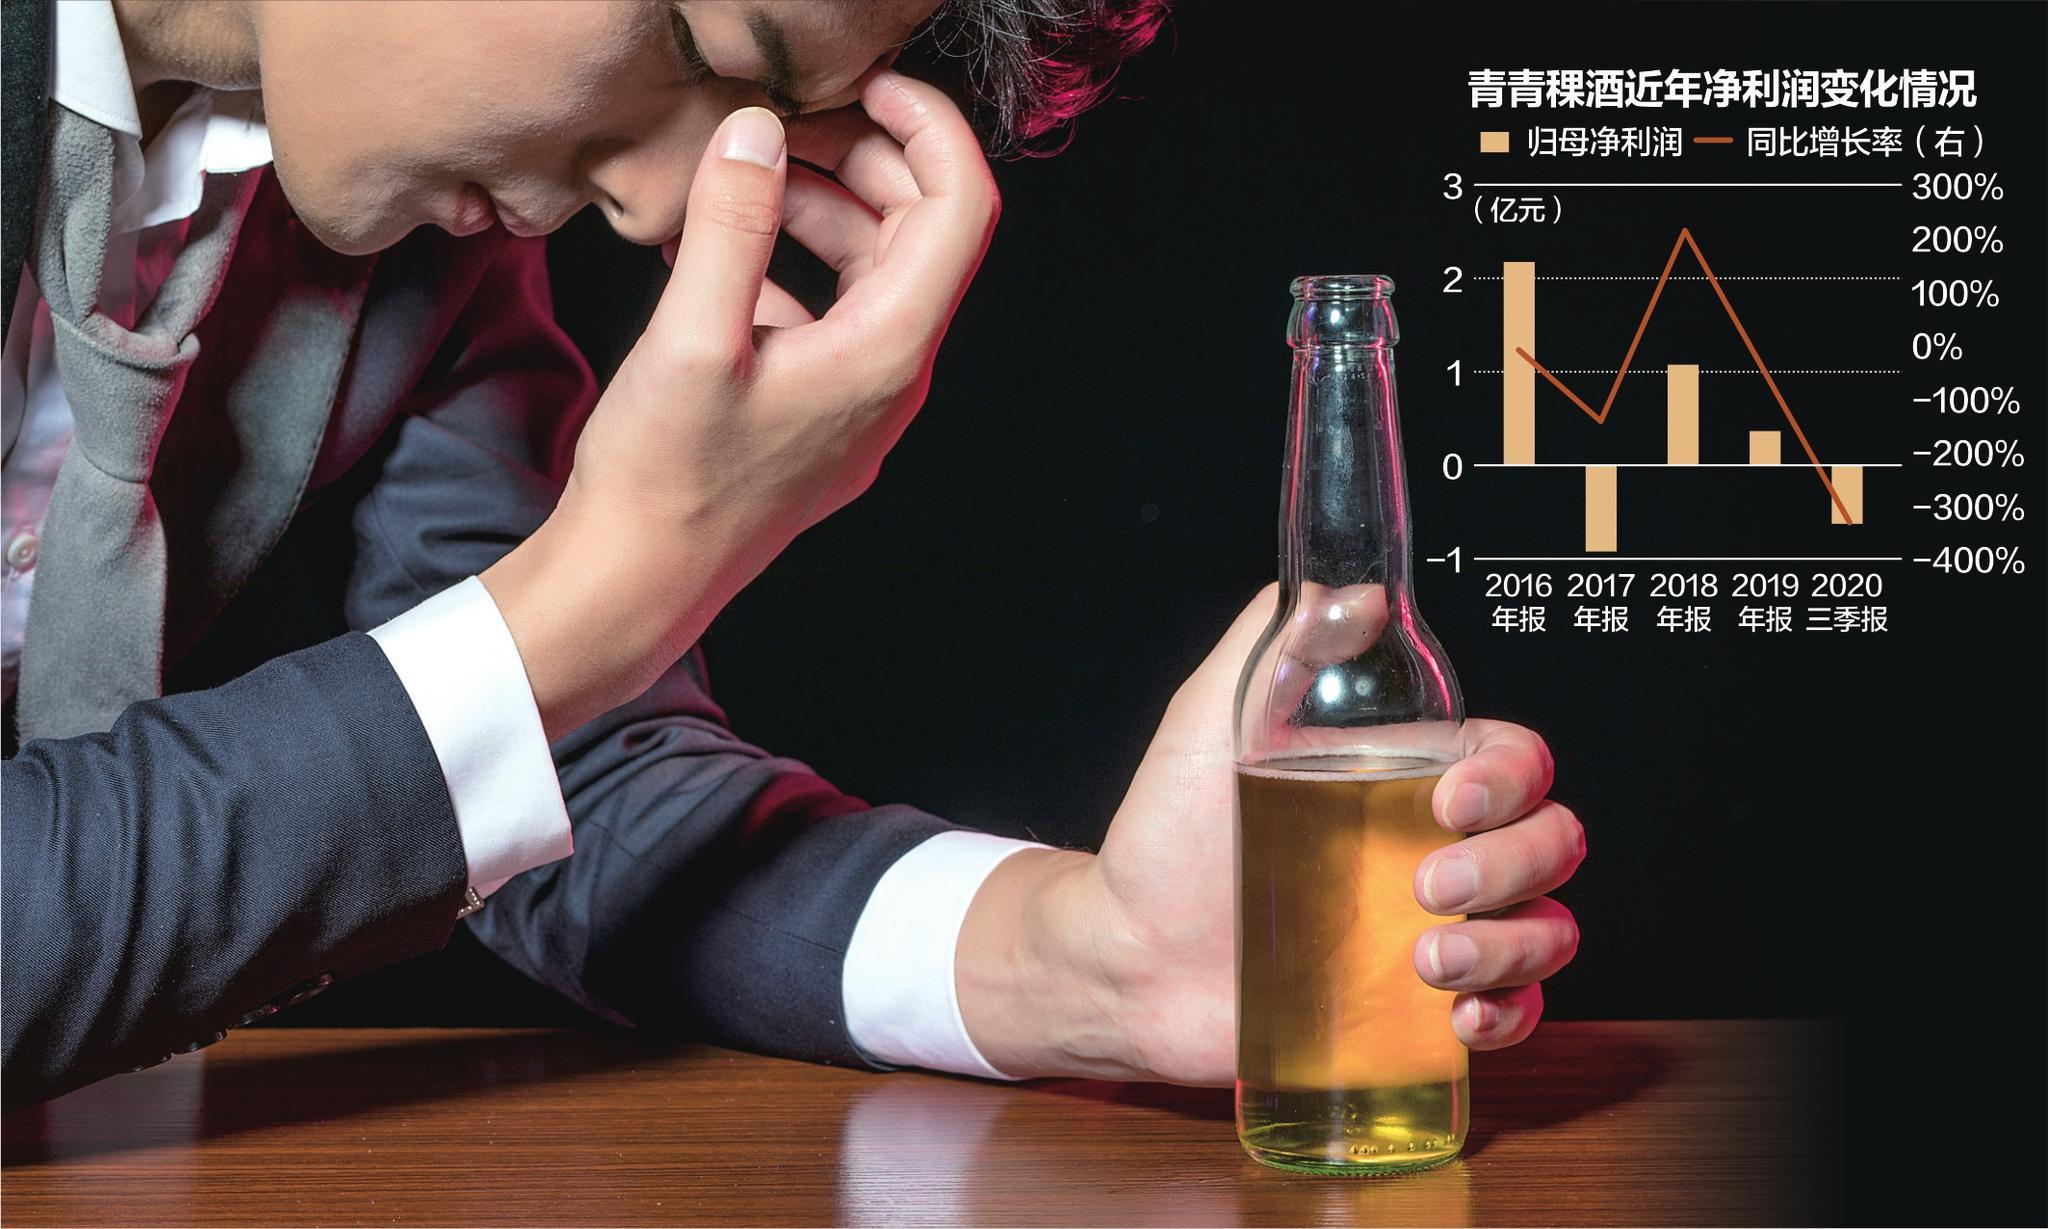 青青稞酒去年预亏超1亿  控股股东华实投资拟再减持